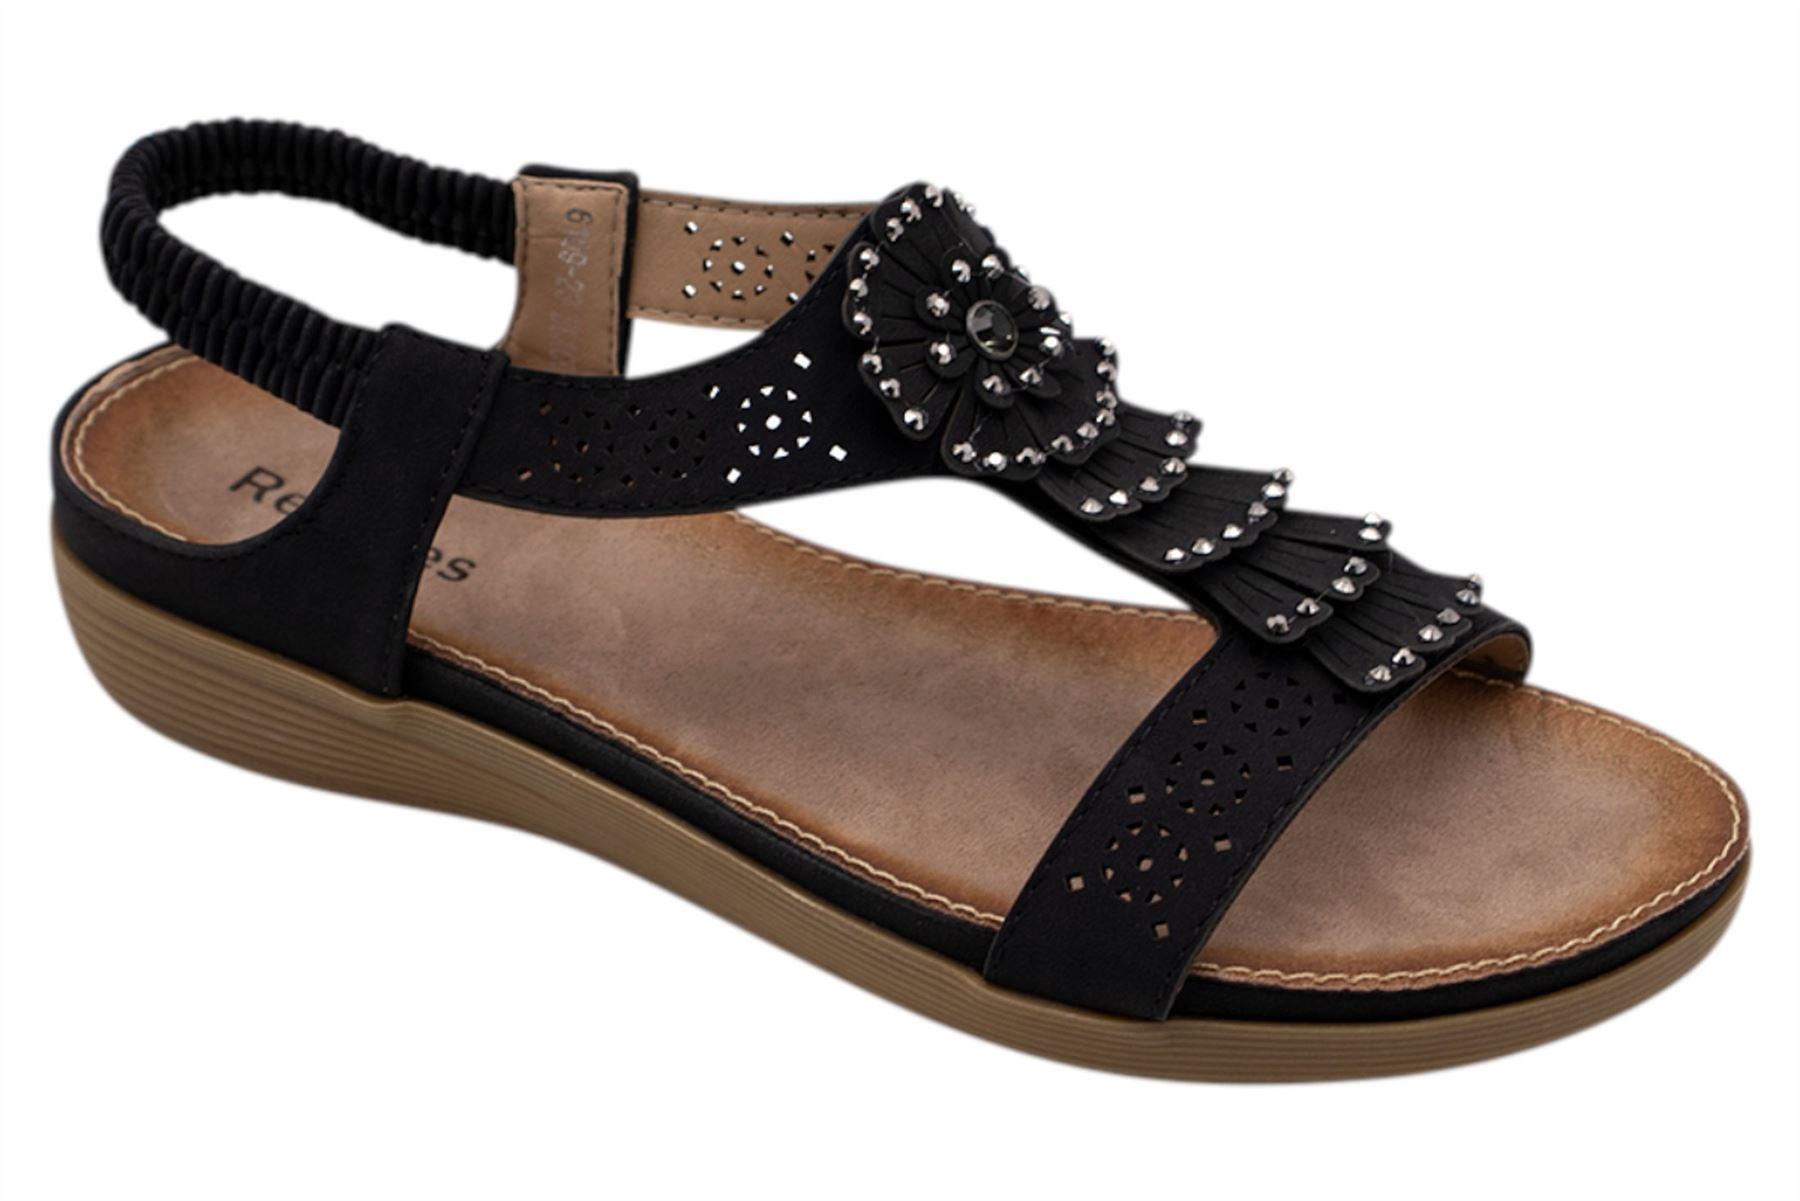 Ladies-Sandals-Womens-Shiny-Flat-Flip-Flop-Beach-Sliders miniatura 14